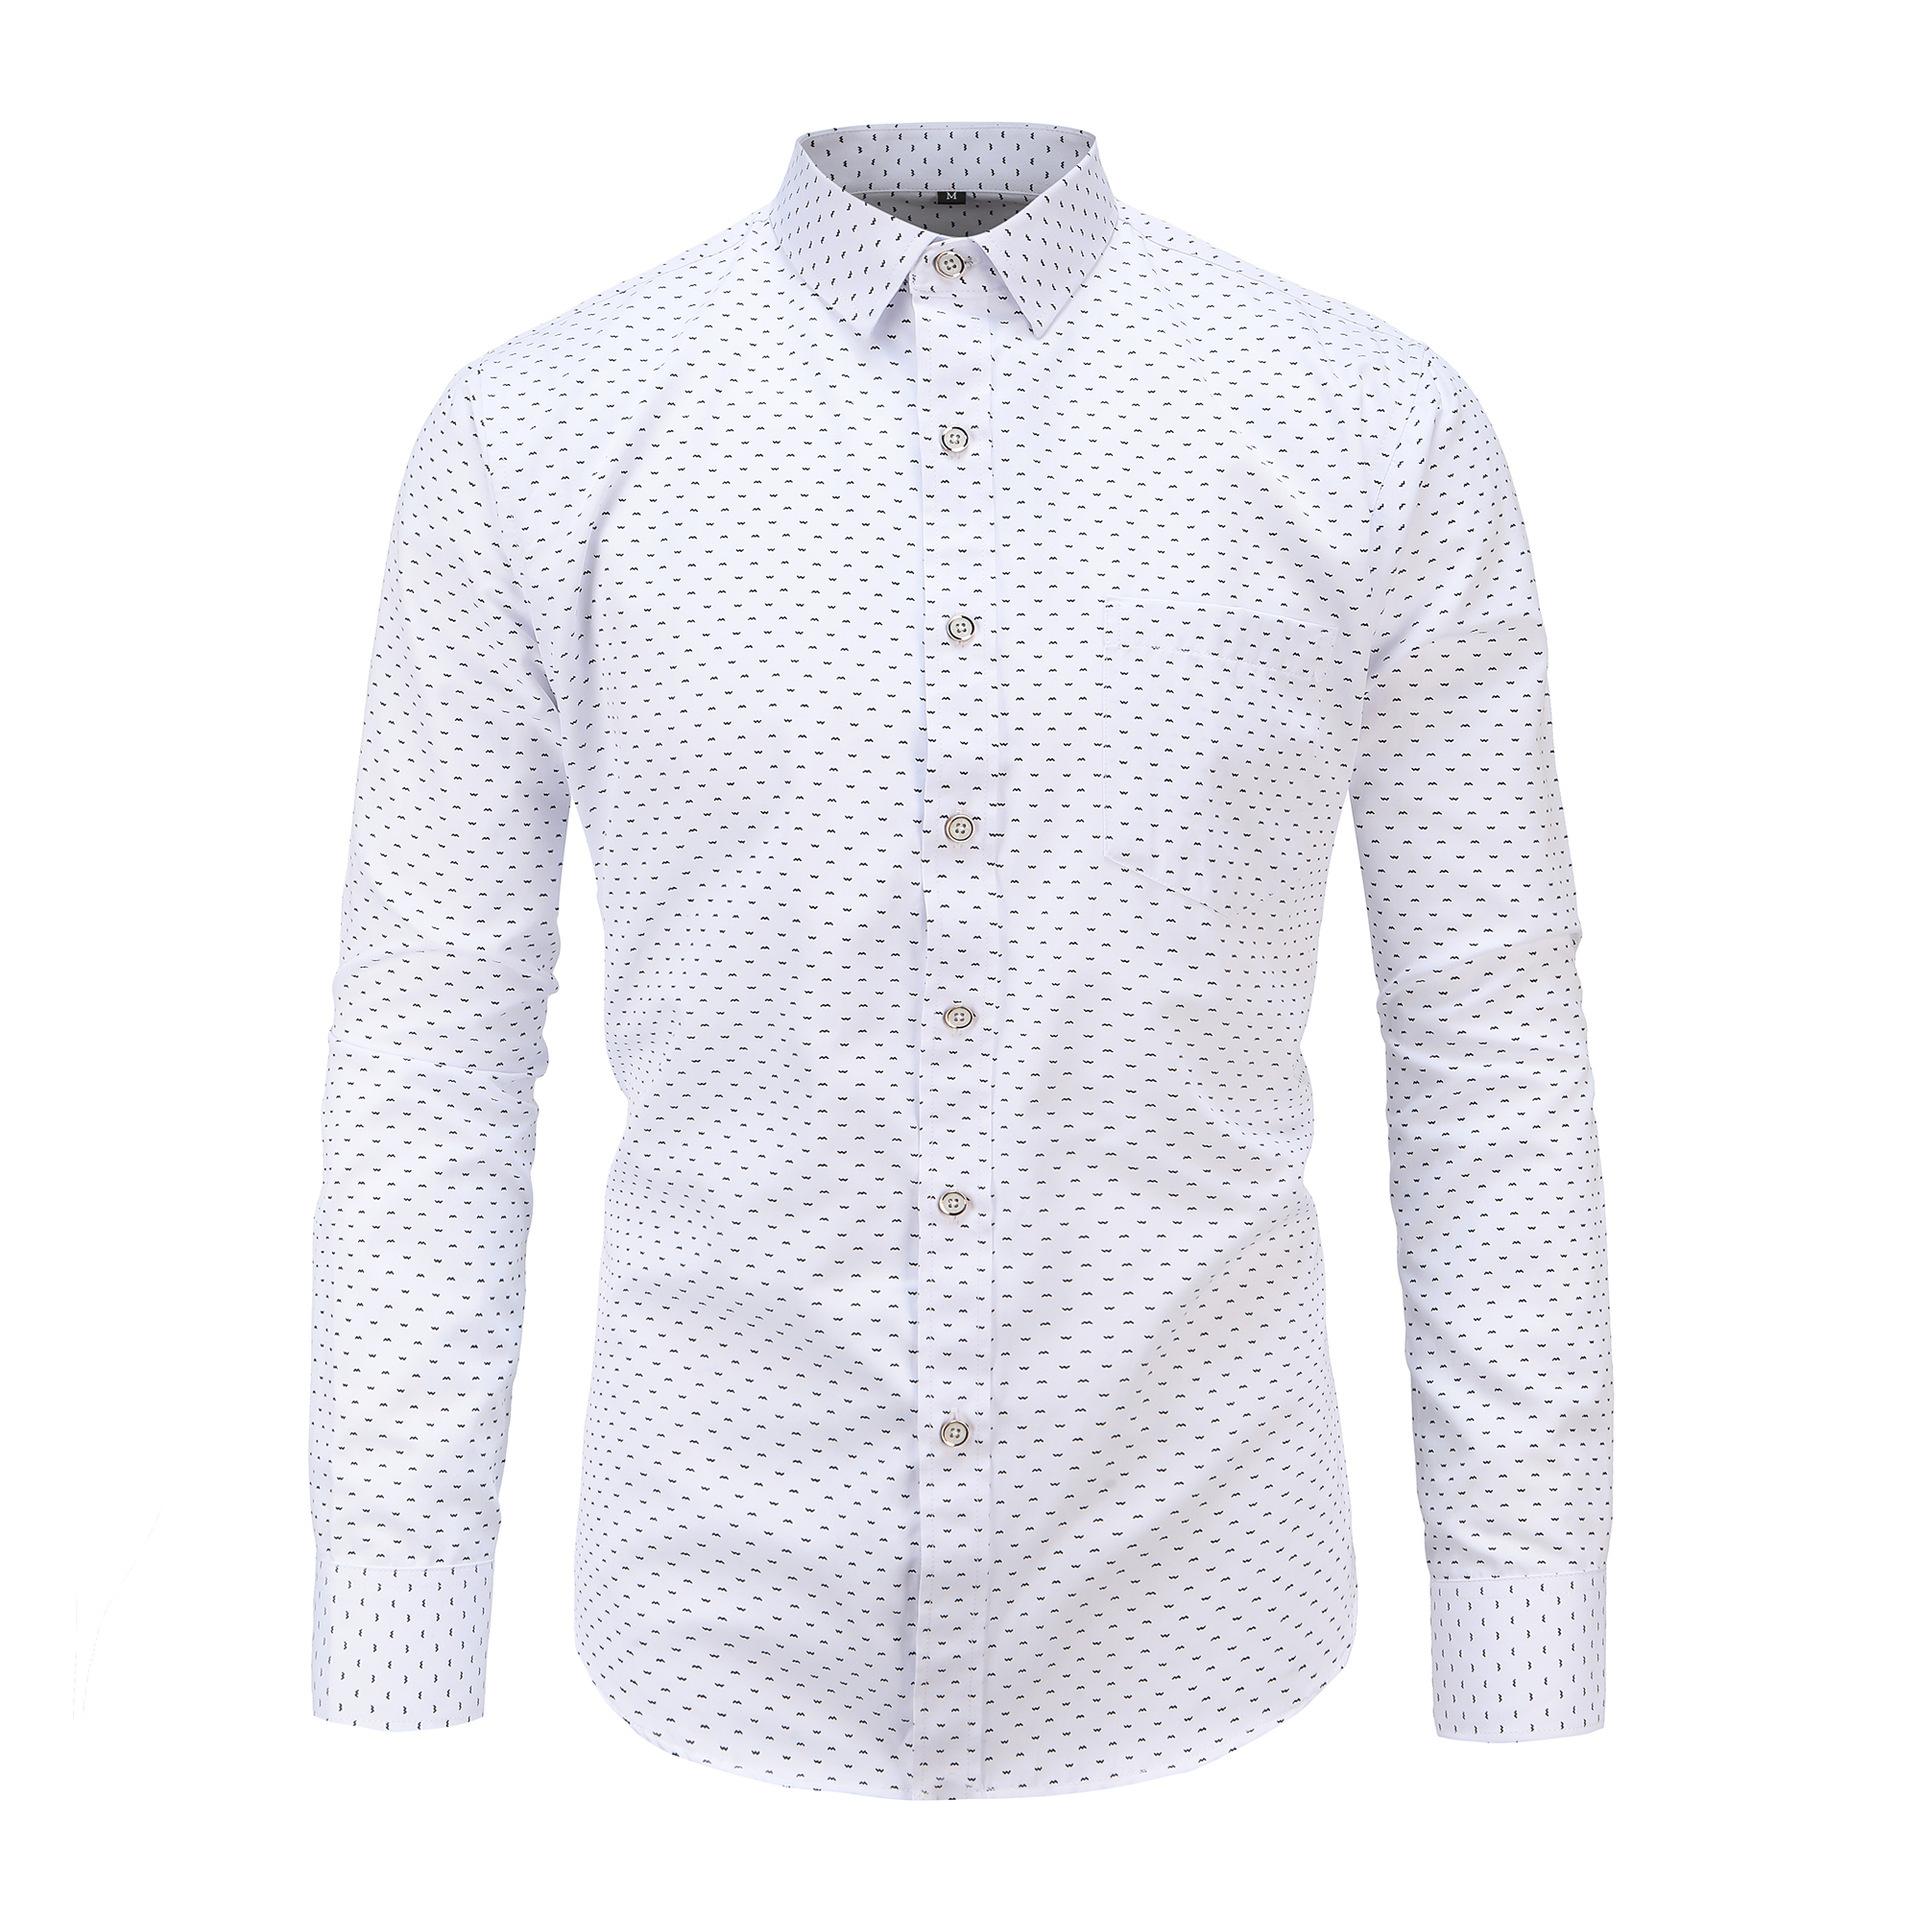 Мужская рубашка Slim Fit 9986289249_1675244096.jpg